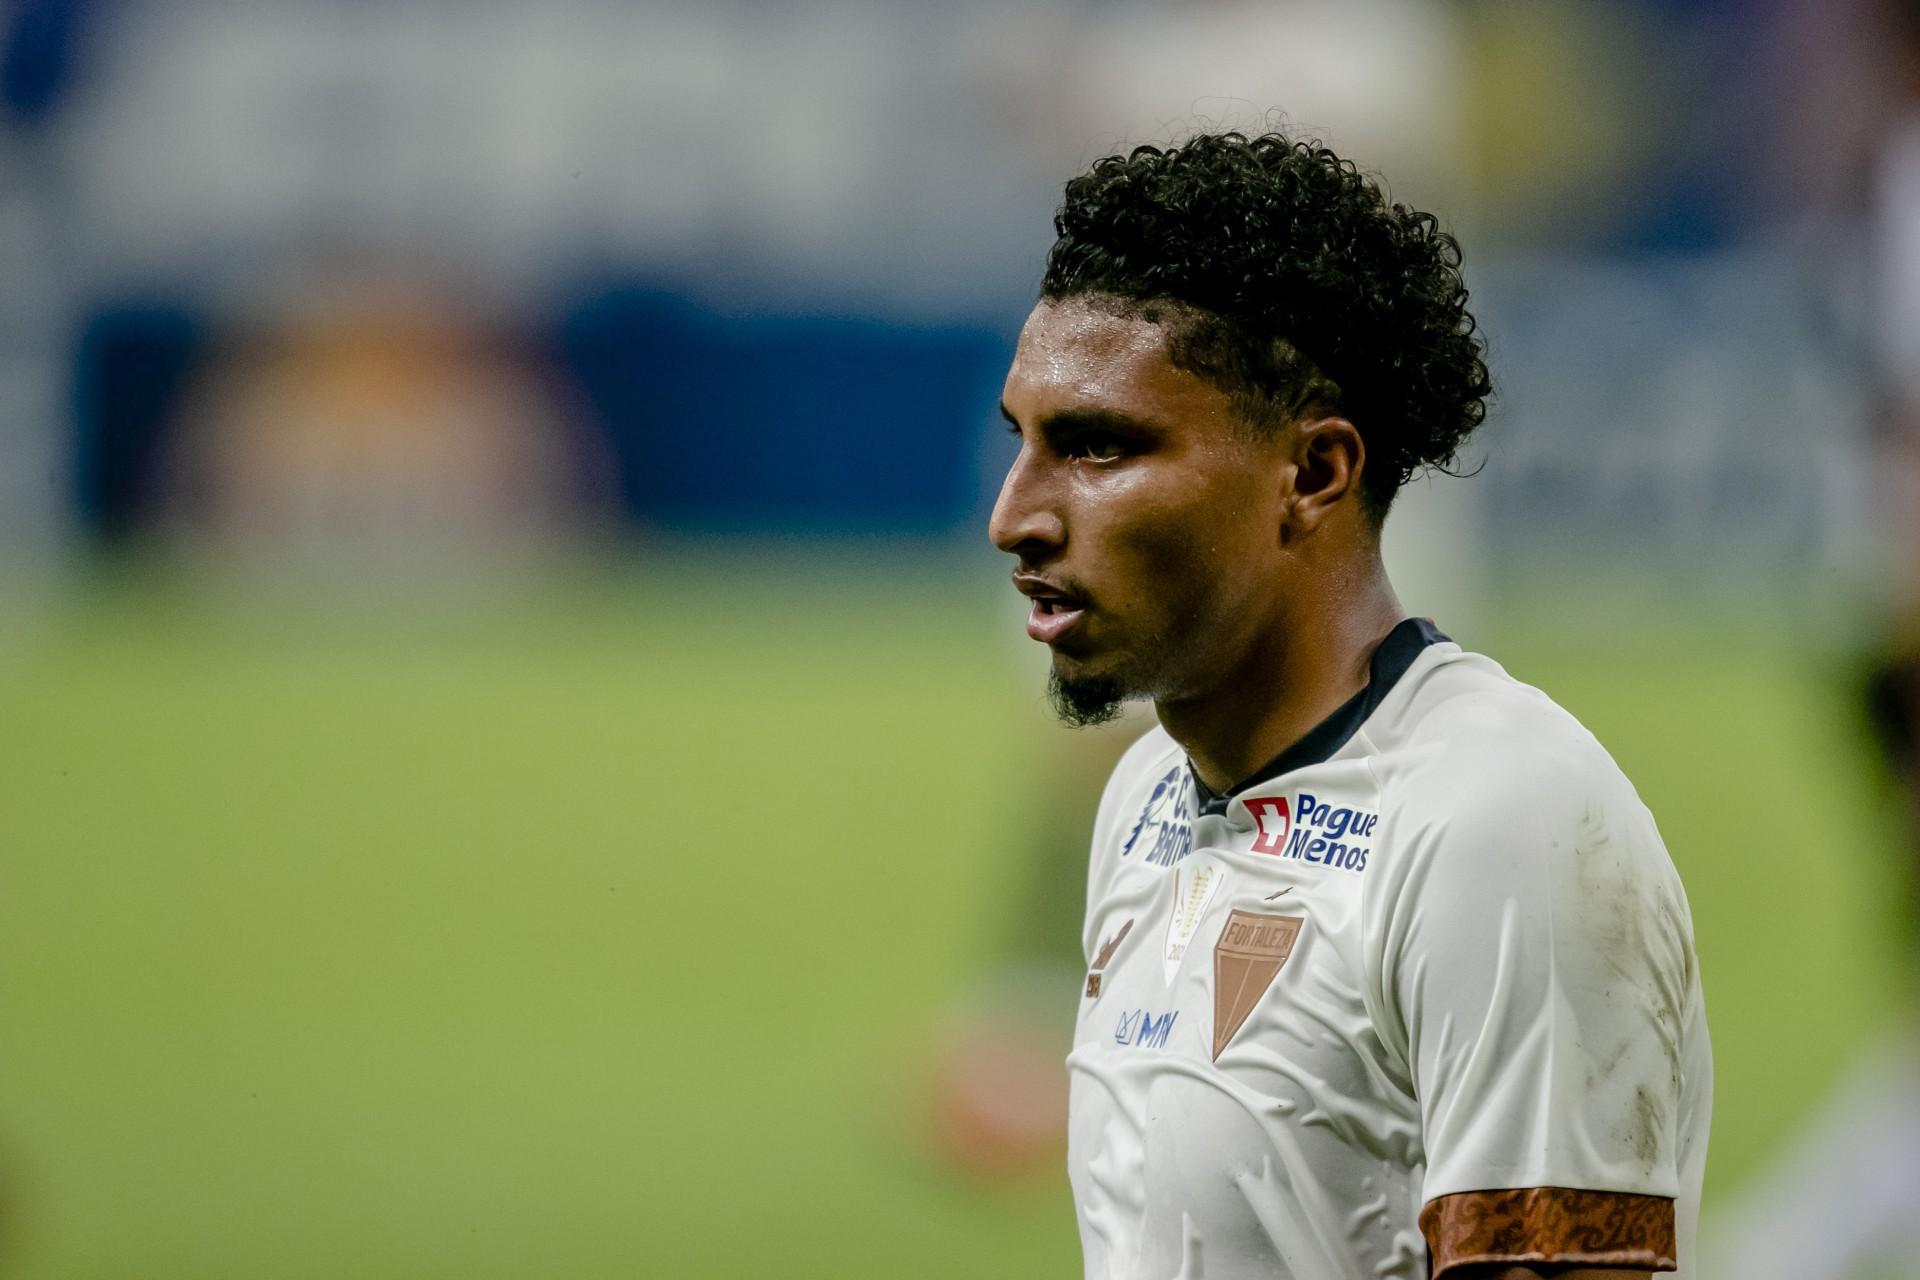 Ederson reconheceu nervosismo do Fortaleza no primeiro tempo contra o Flamengo (Foto: Aurelio Alves/O POVO)